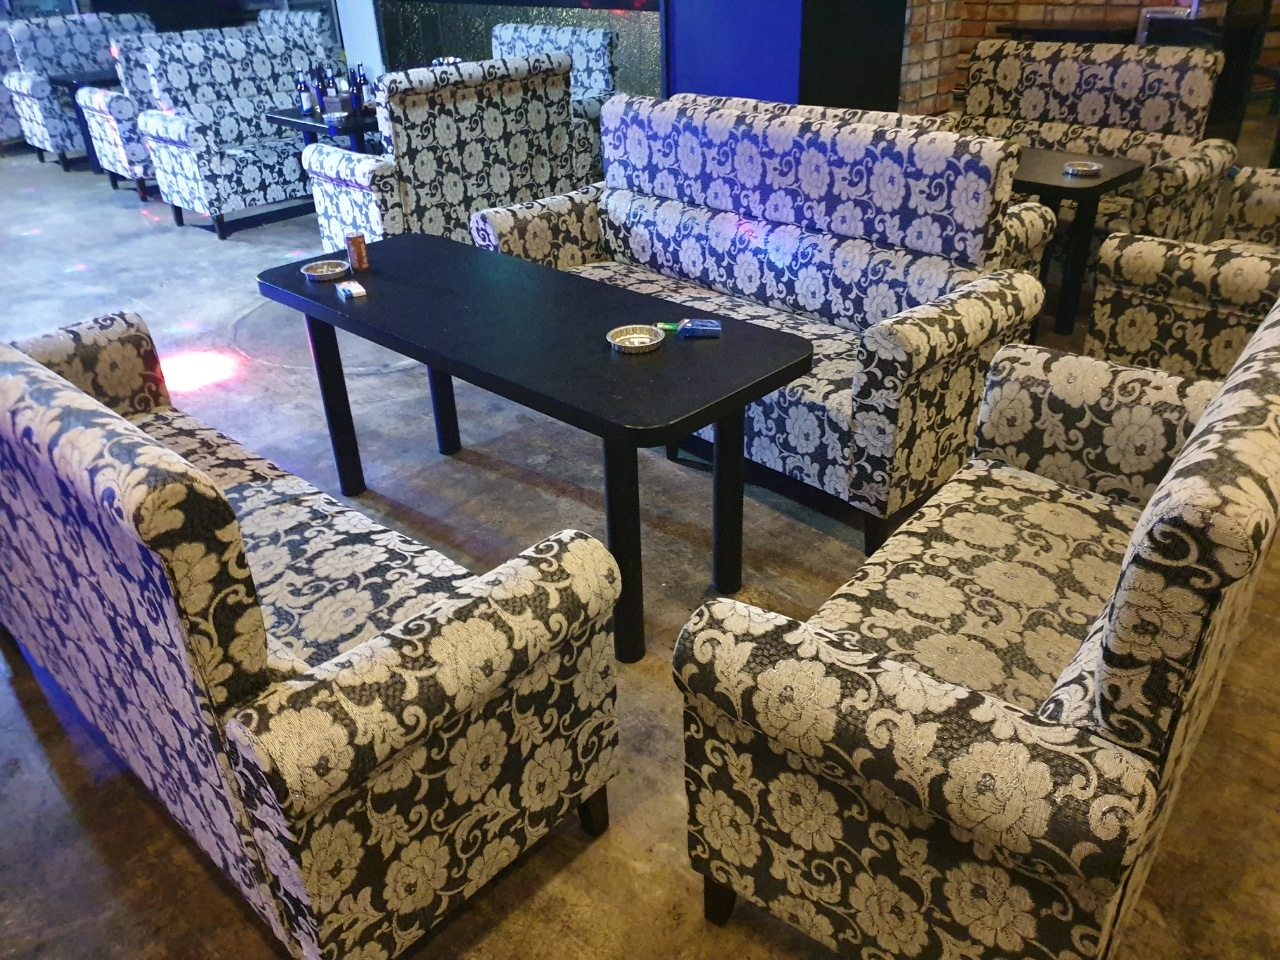 업소용소파 테이블 2인용 20개 개당6만원 업소용소파 고가매입 염가판매